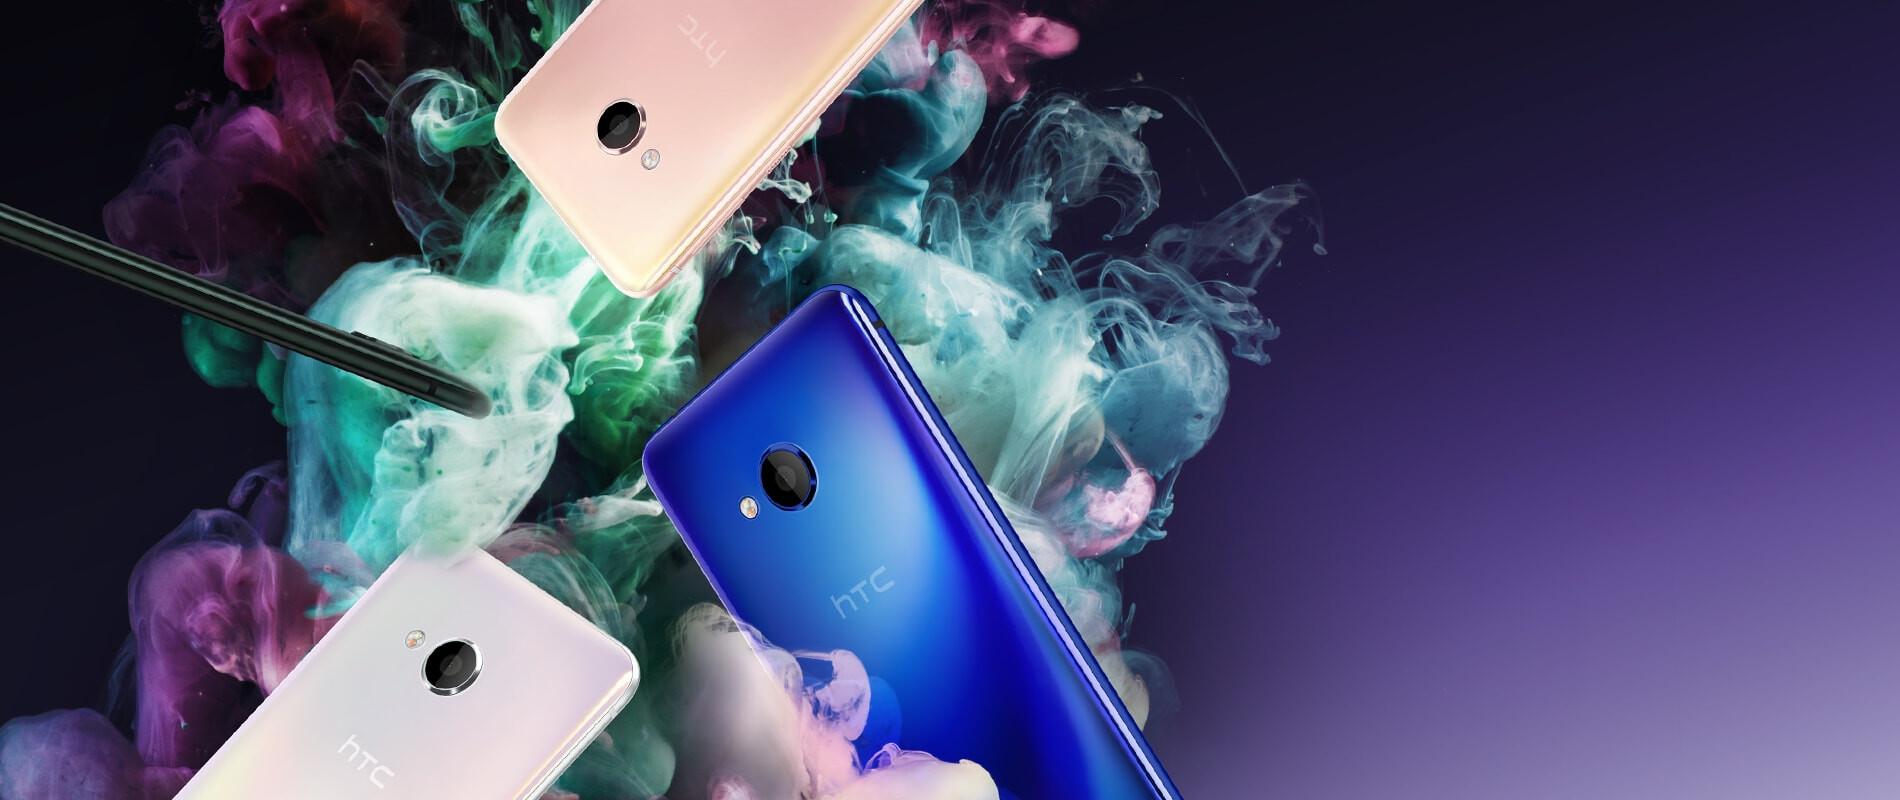 HTC U Play: 5.2 инчен уред кој доаѓа на пролет!